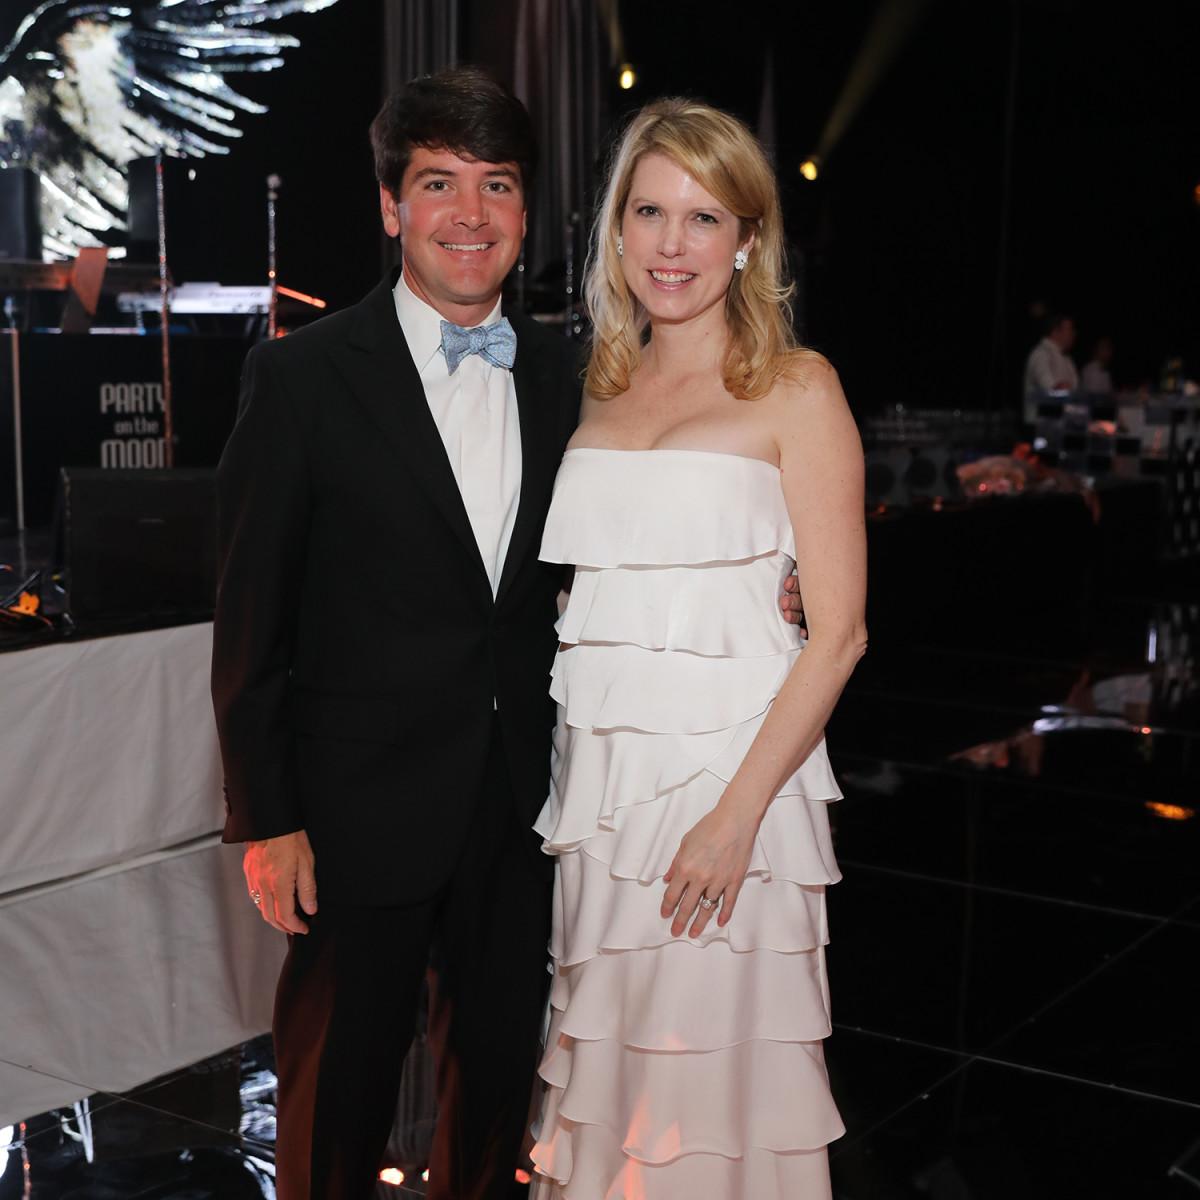 Houston, Ballet Ball, February 2018, Bill Toomey, Courtney Toomey